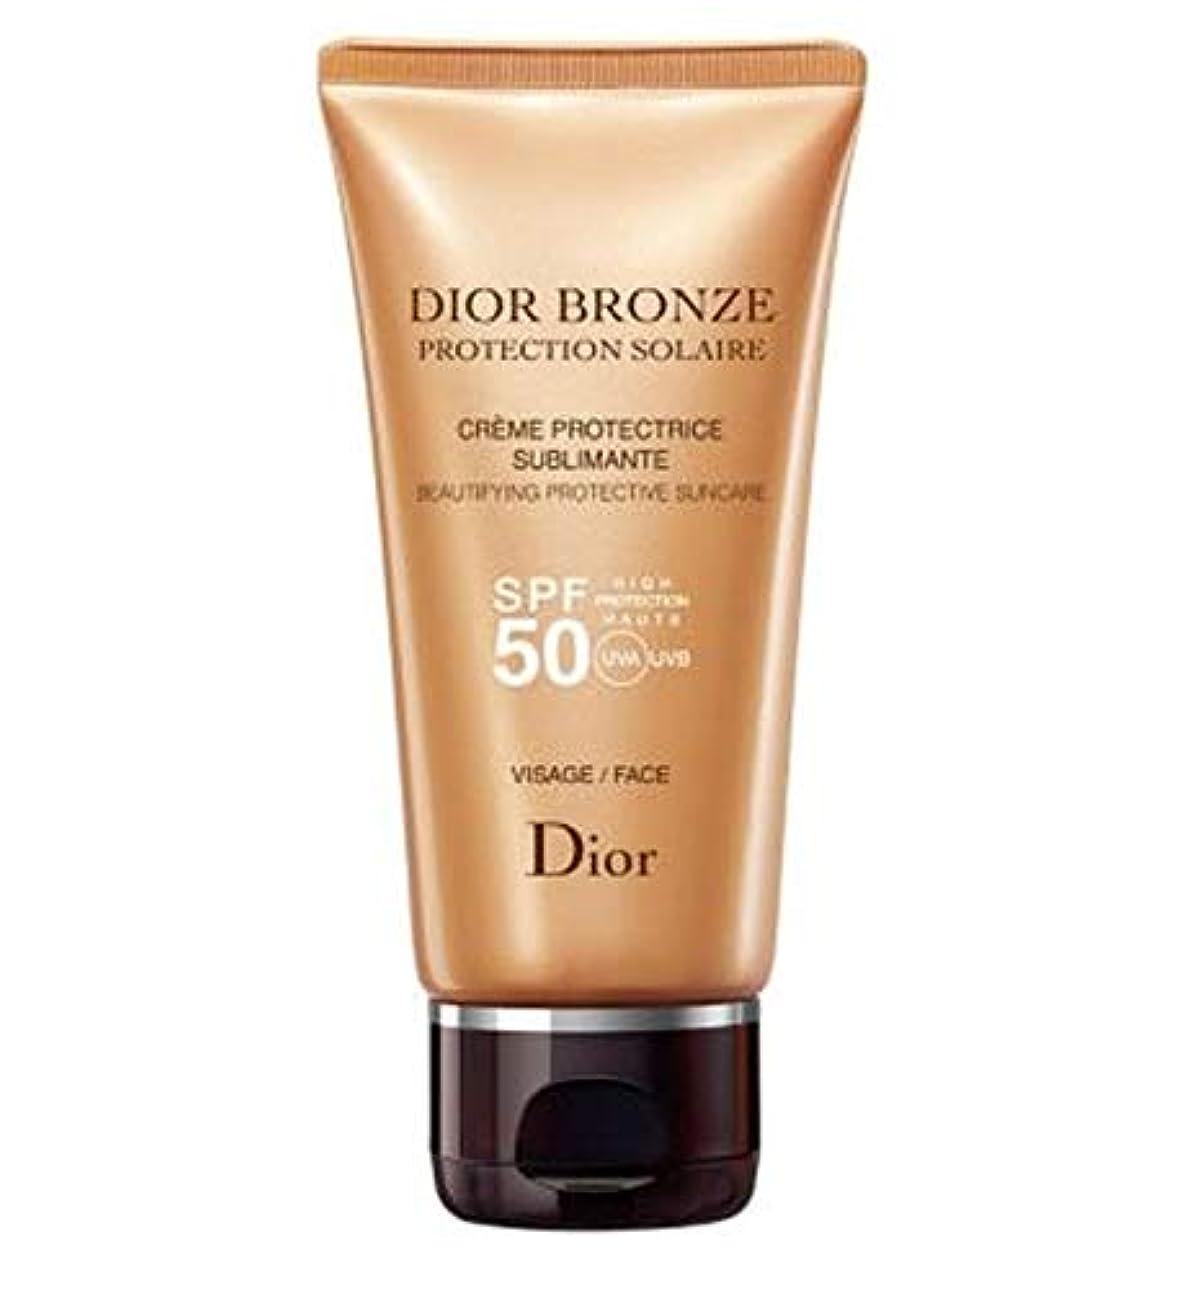 流出スコア肉の[Dior] ディオールブロンズ日の保護高い保護クリームSpf50顔 - 50ミリリットル - Dior Bronze Sun Protection High Protection Cream Spf50 Face -...